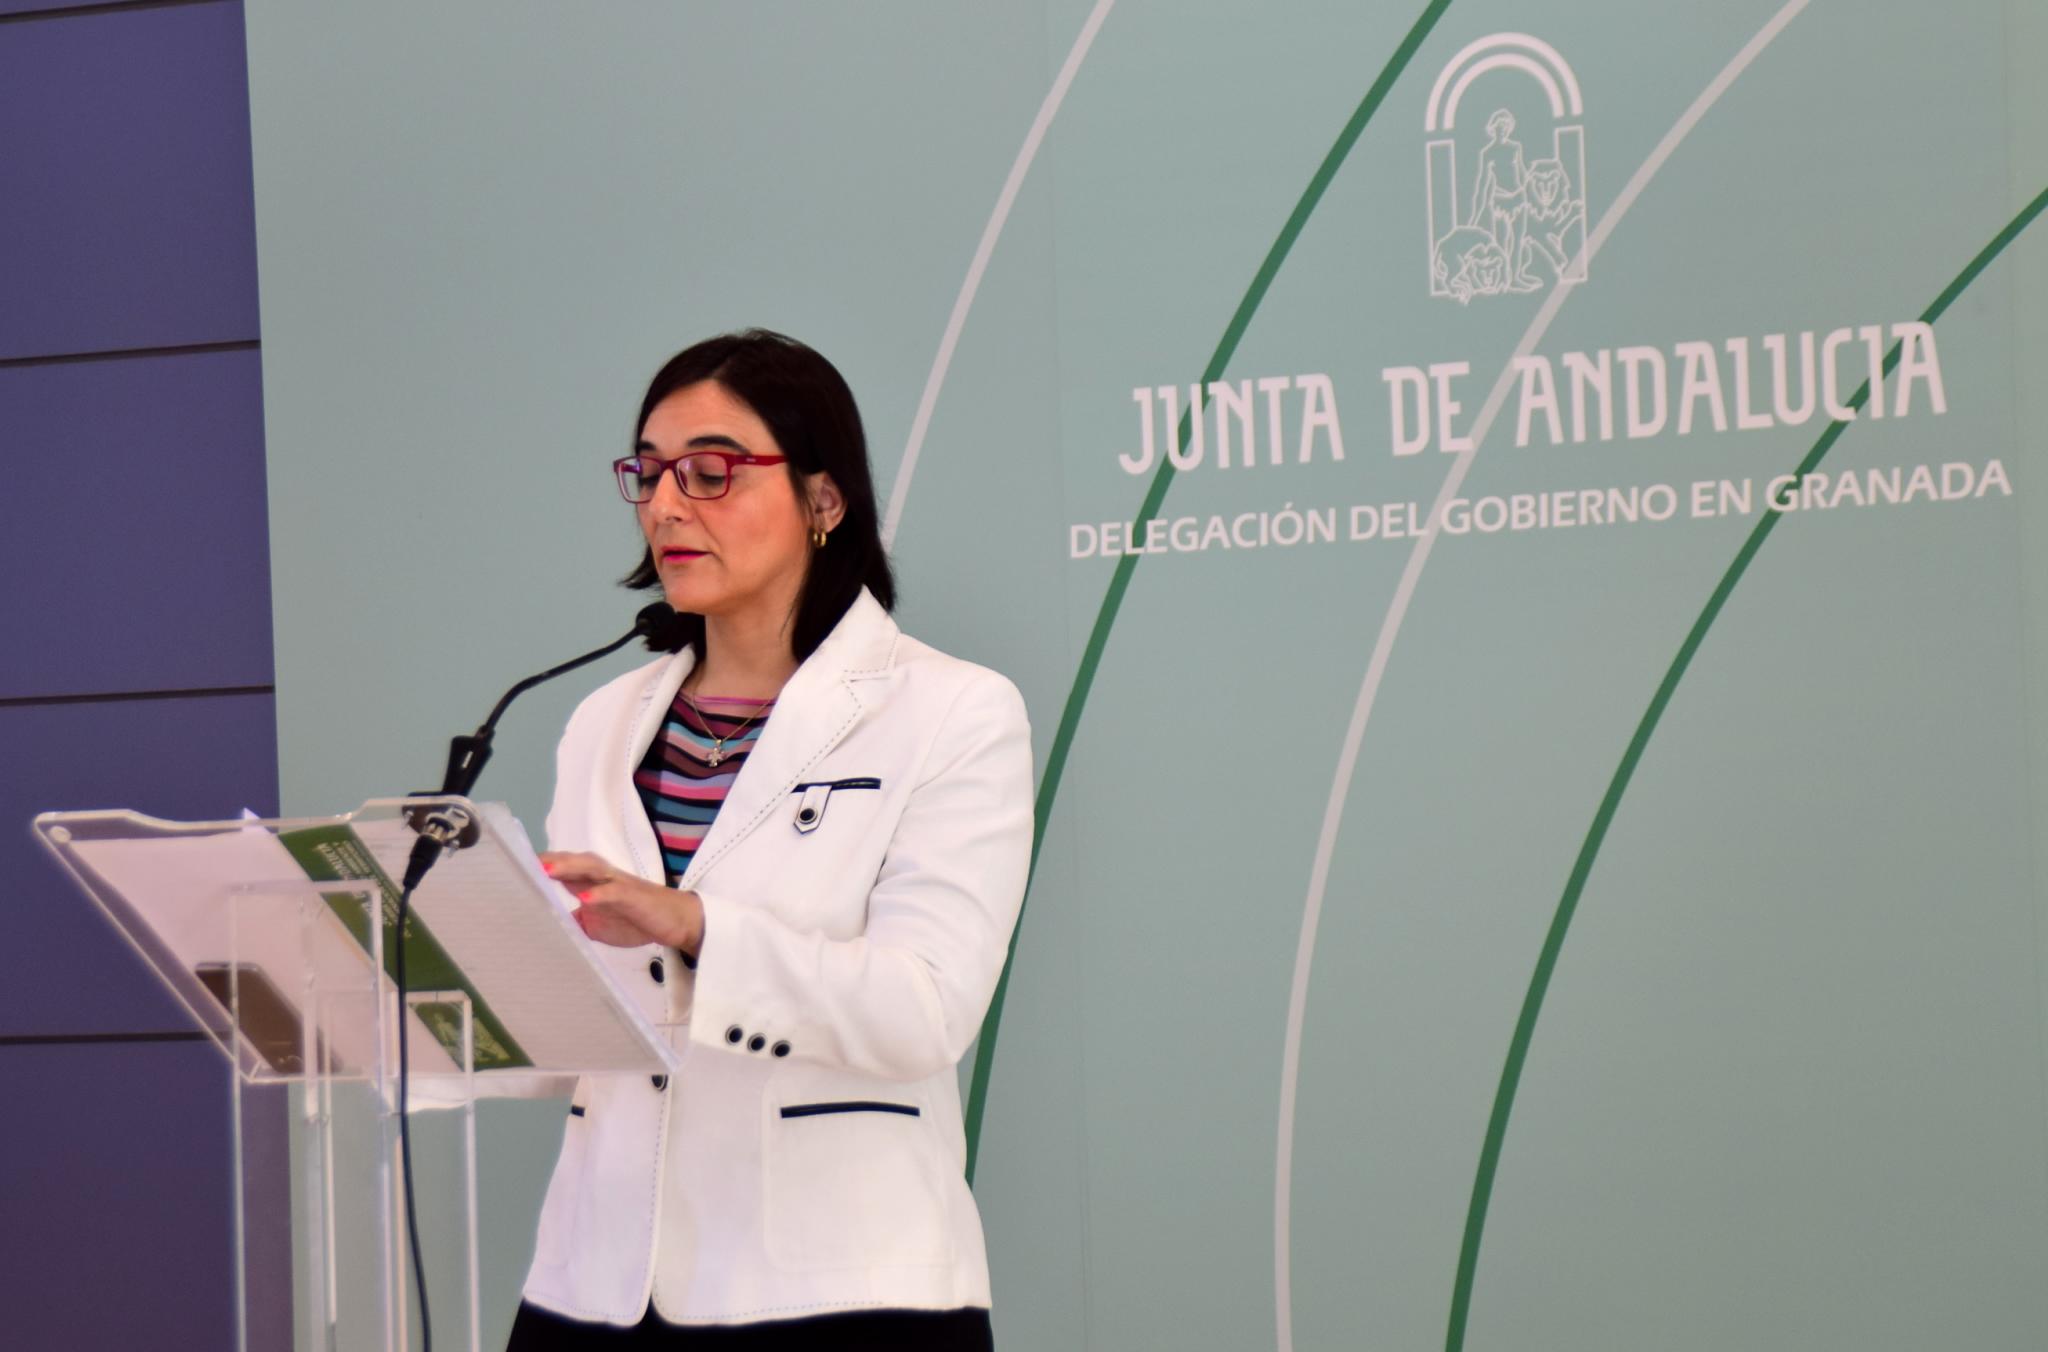 La Junta cifra en 405 los proyectos ambientales paralizados en Granada a la espera de solución